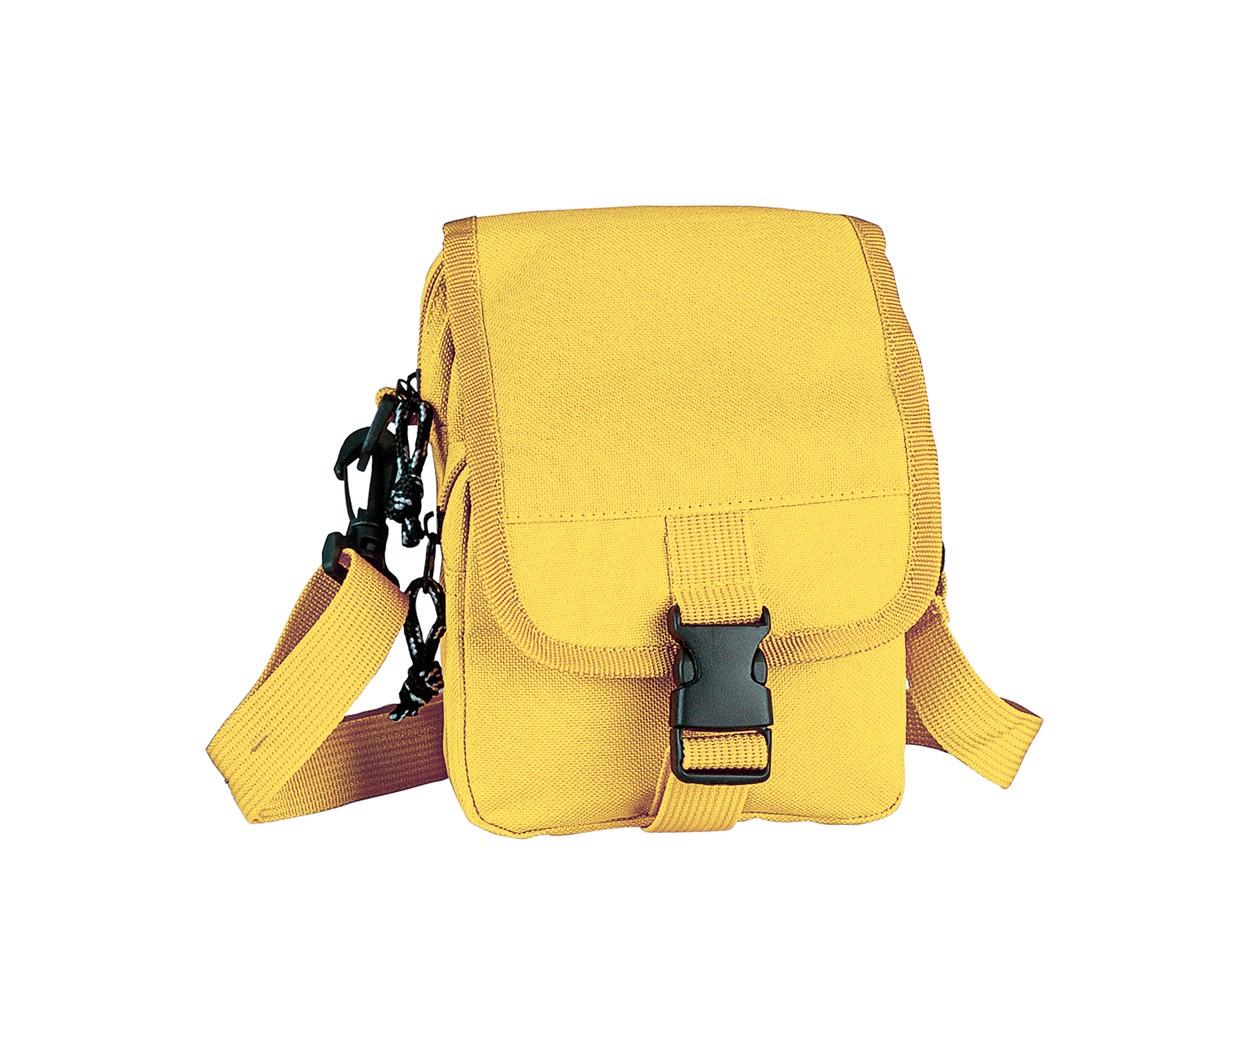 Taška Piluto - Žlutá